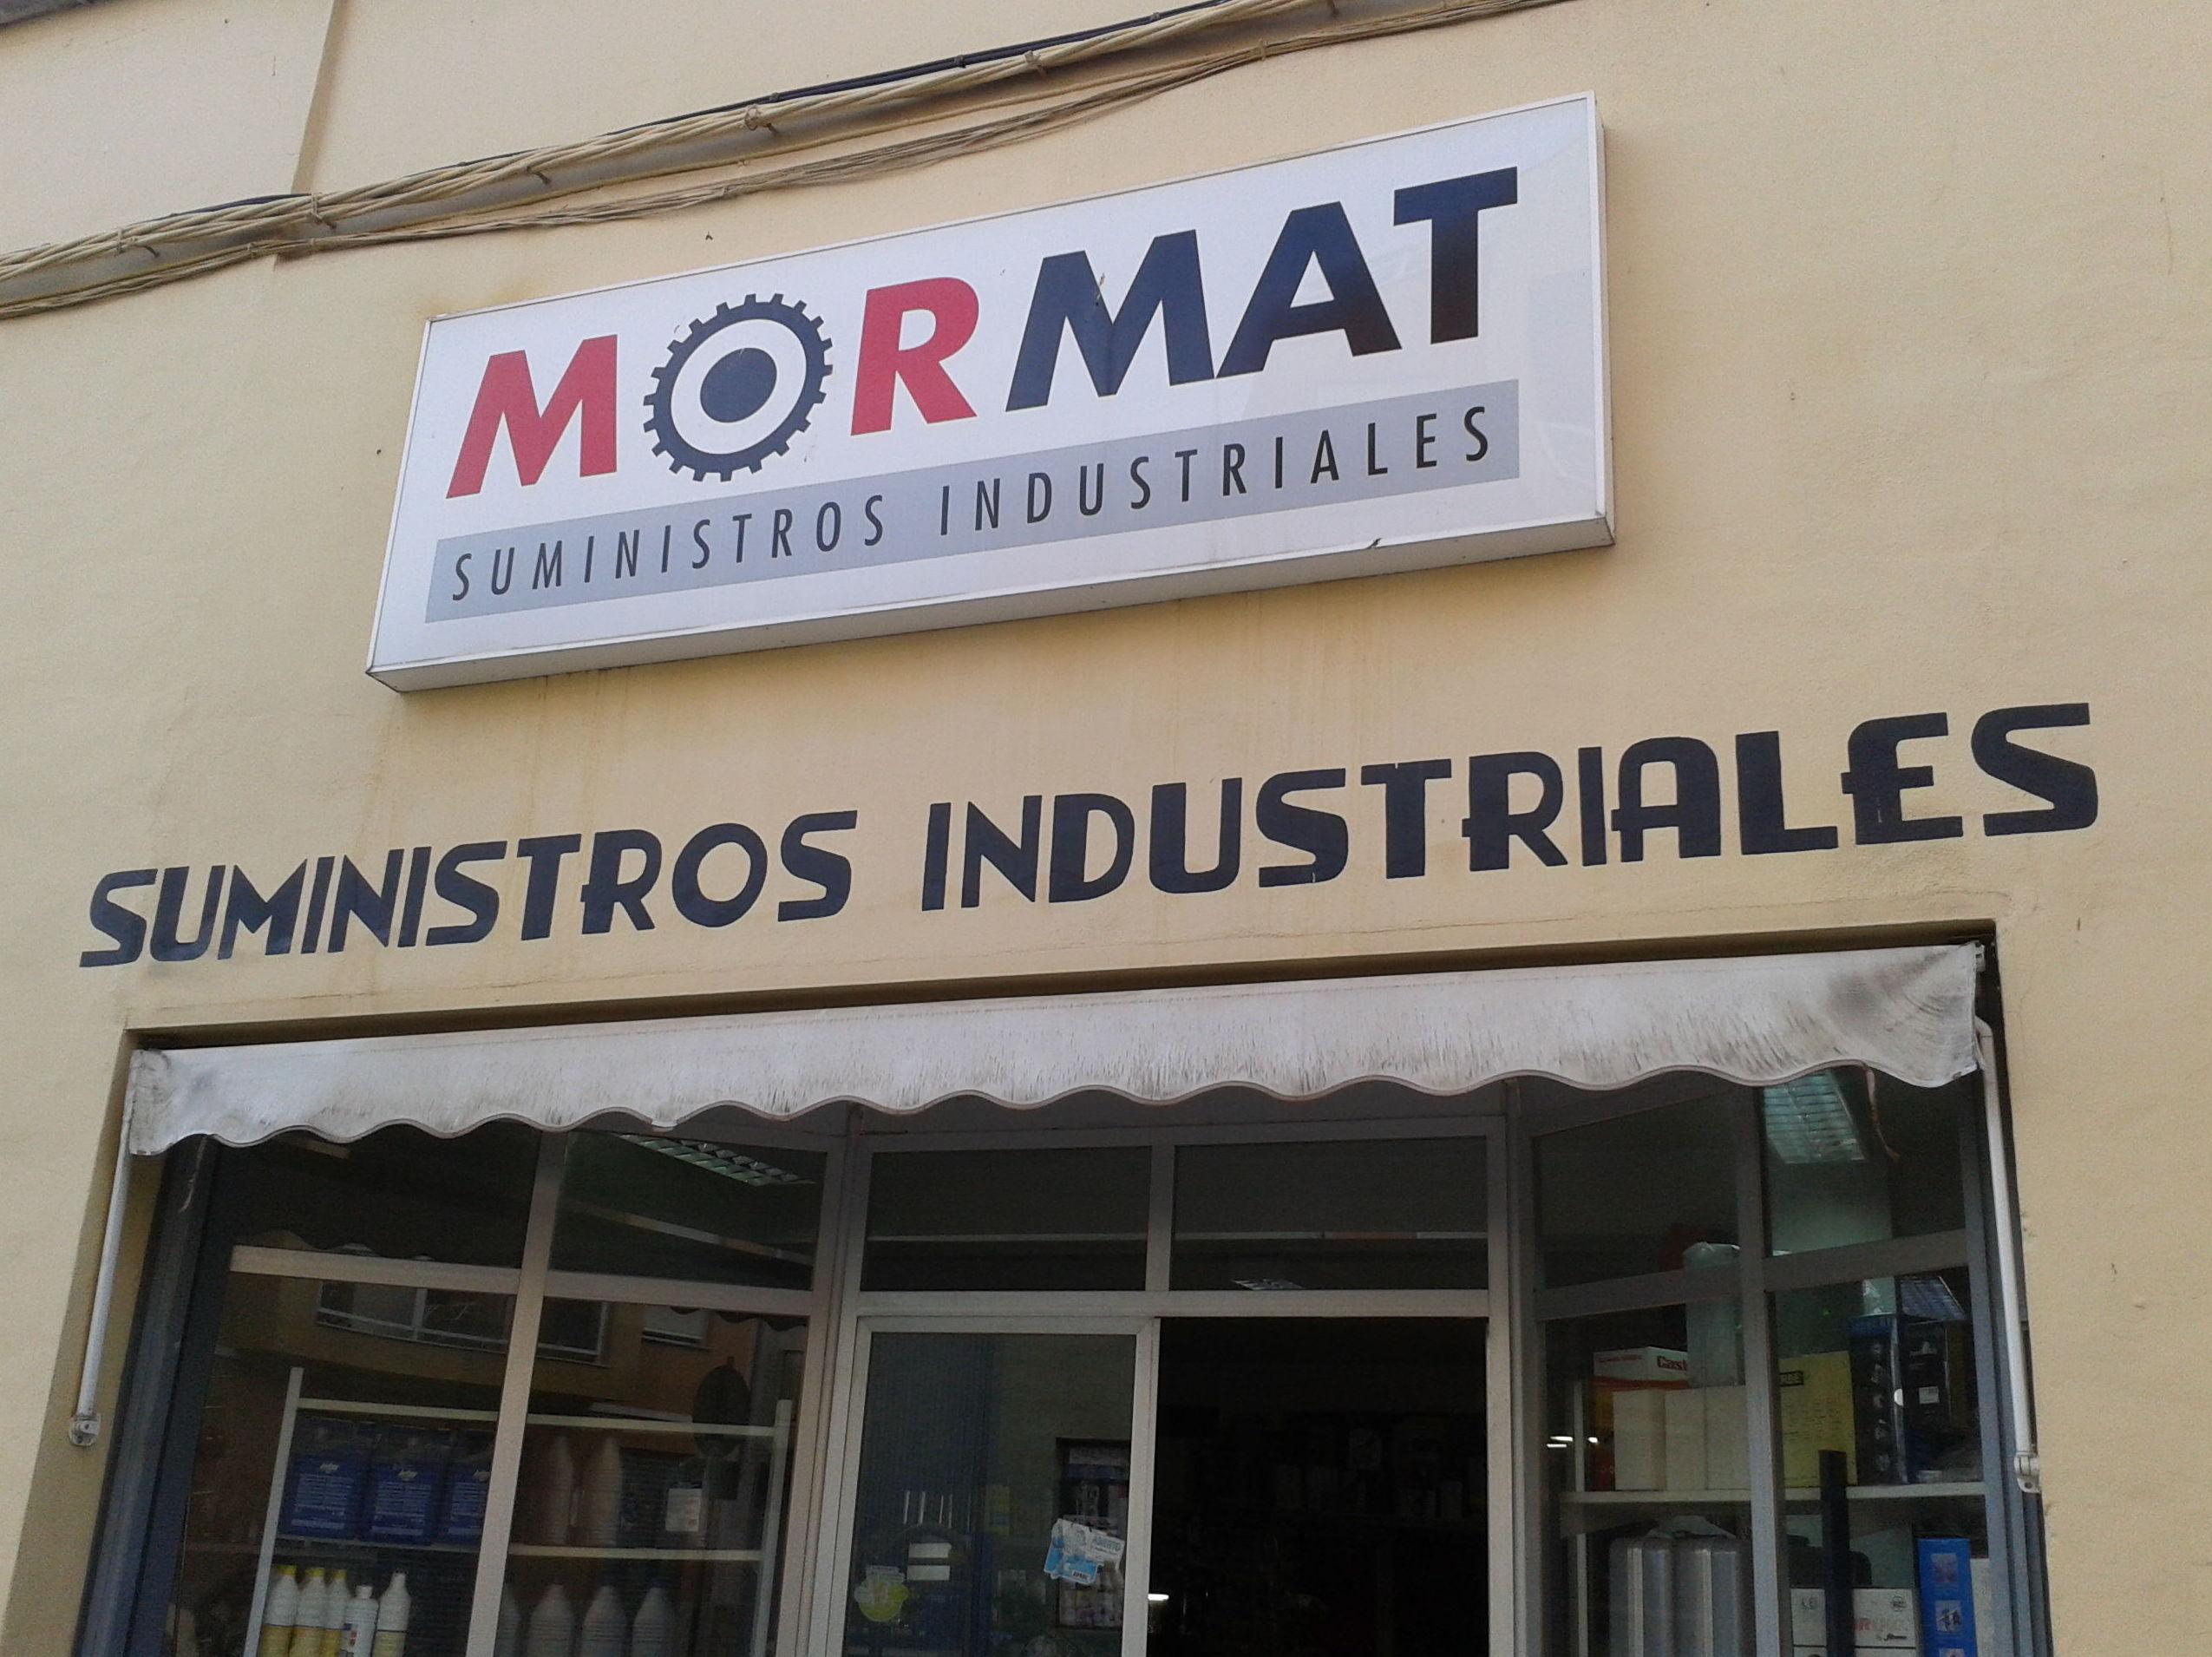 Suministros industriales: FOLLETOS OFERTAS de Mor-Mat Suministros Industriales